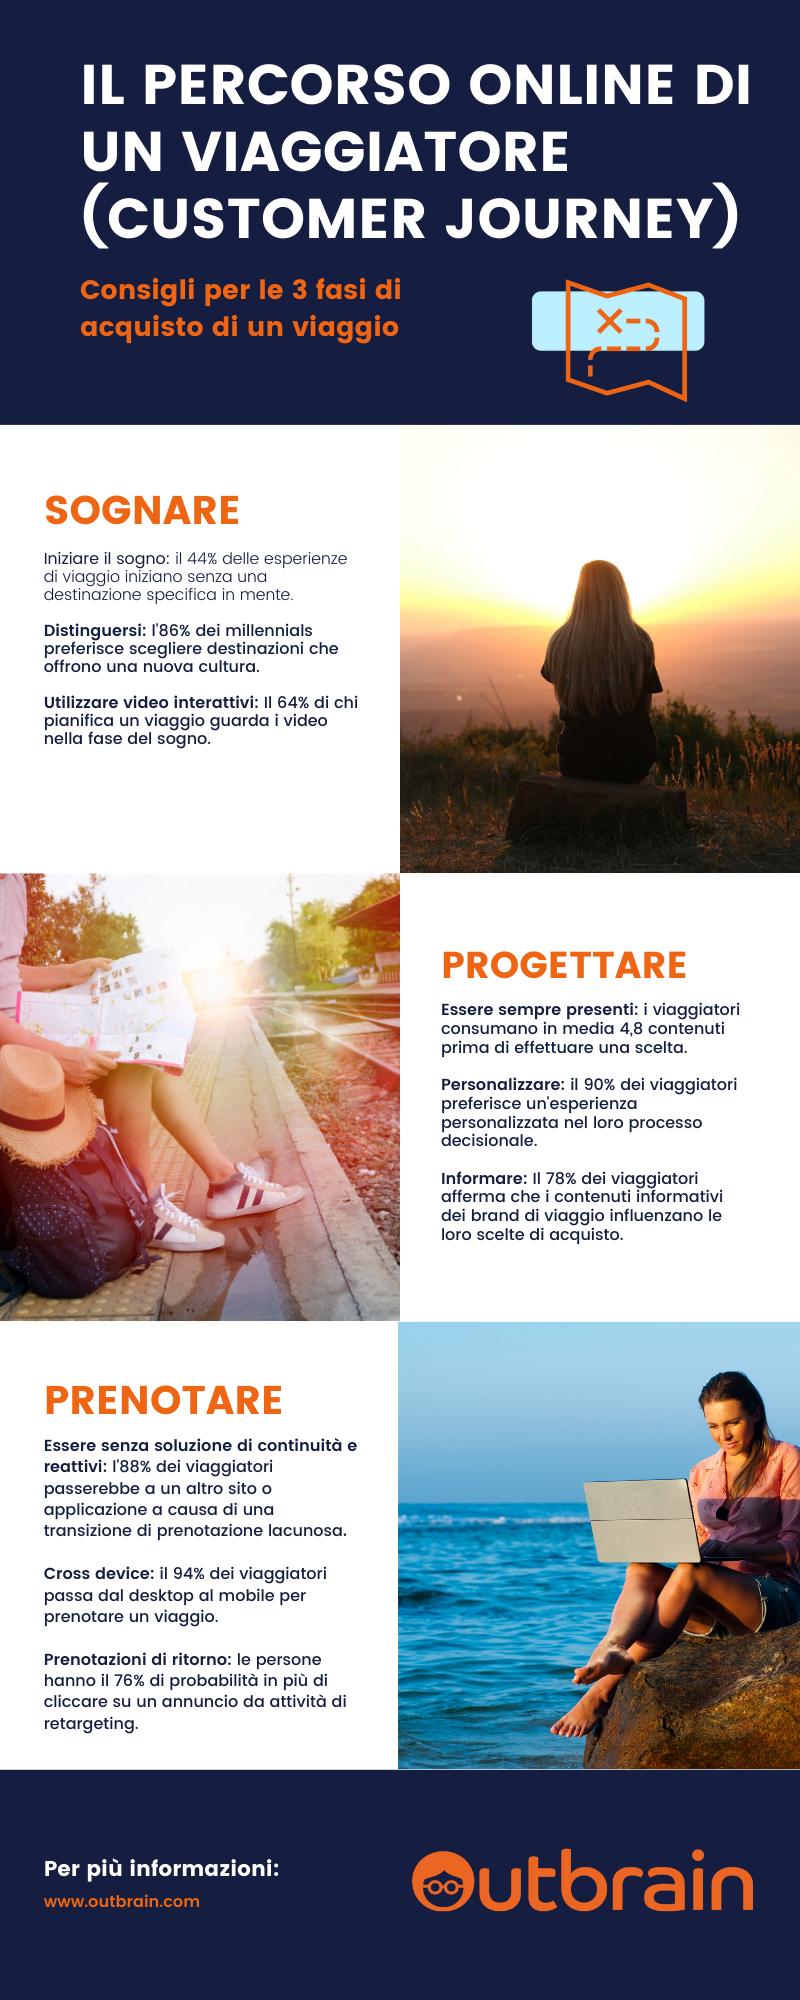 outbrain-Percorso_di_Acquisto_Viaggi_Online-Customer_Journey